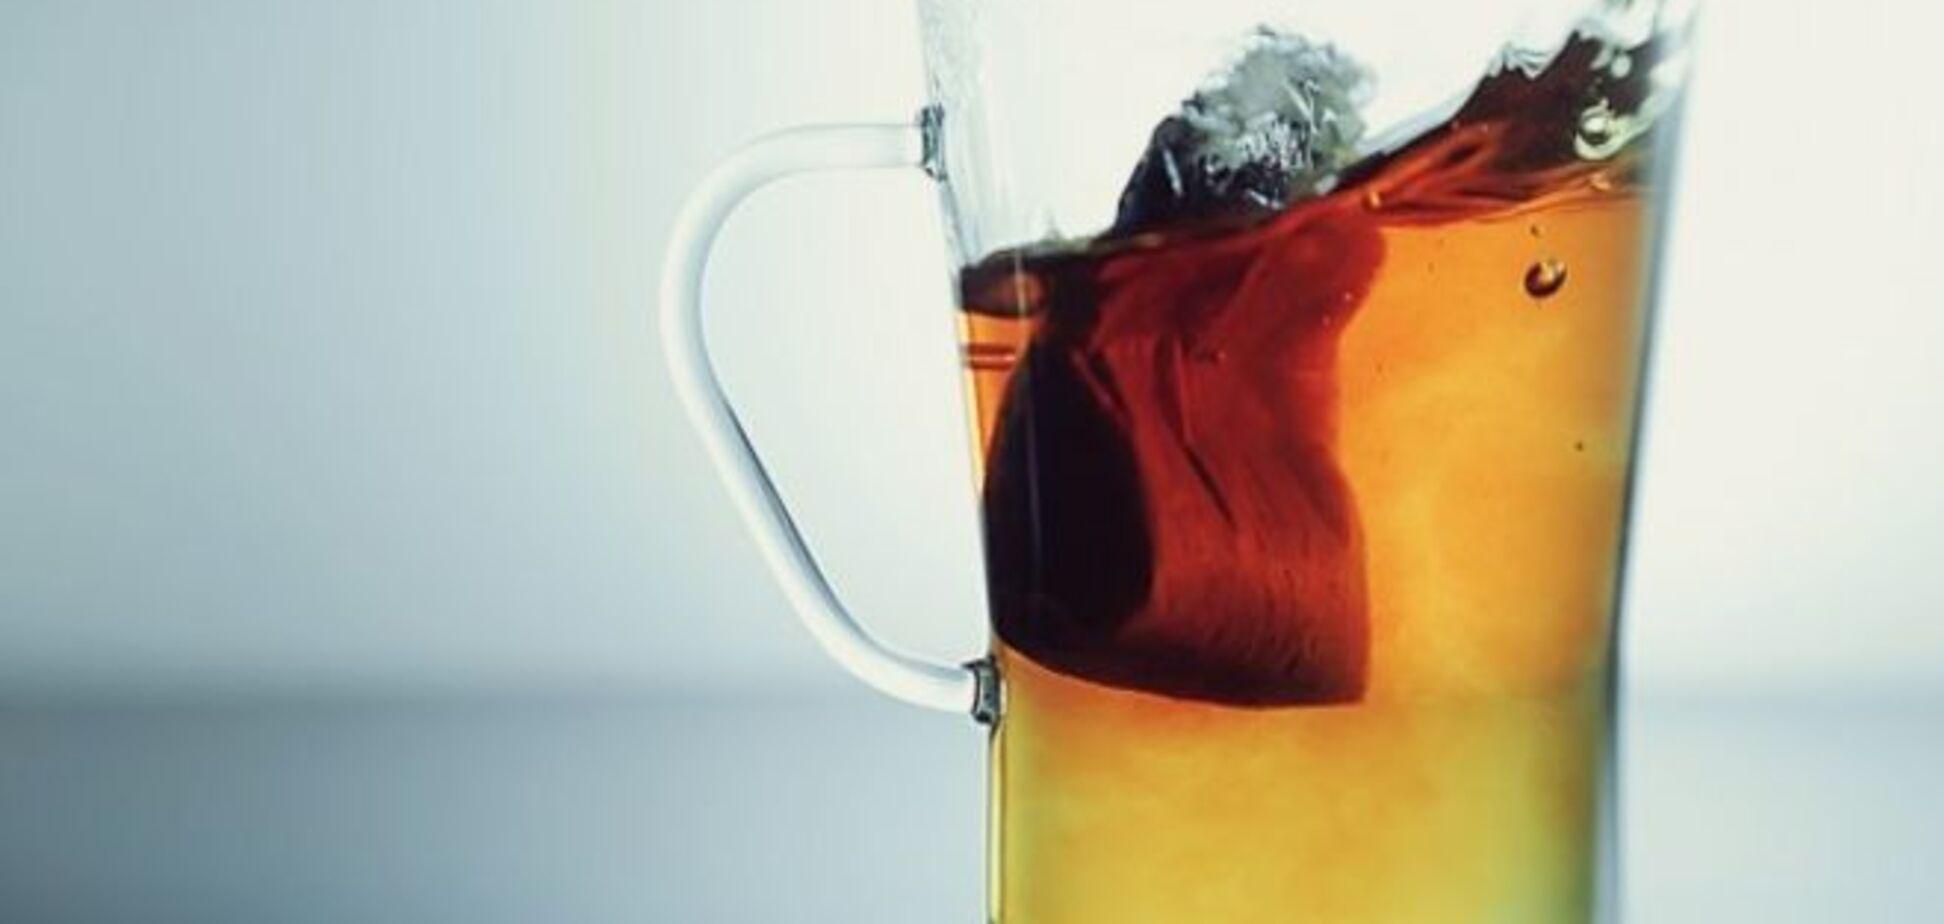 Врачи рассказали, почему нельзя употреблять много чая